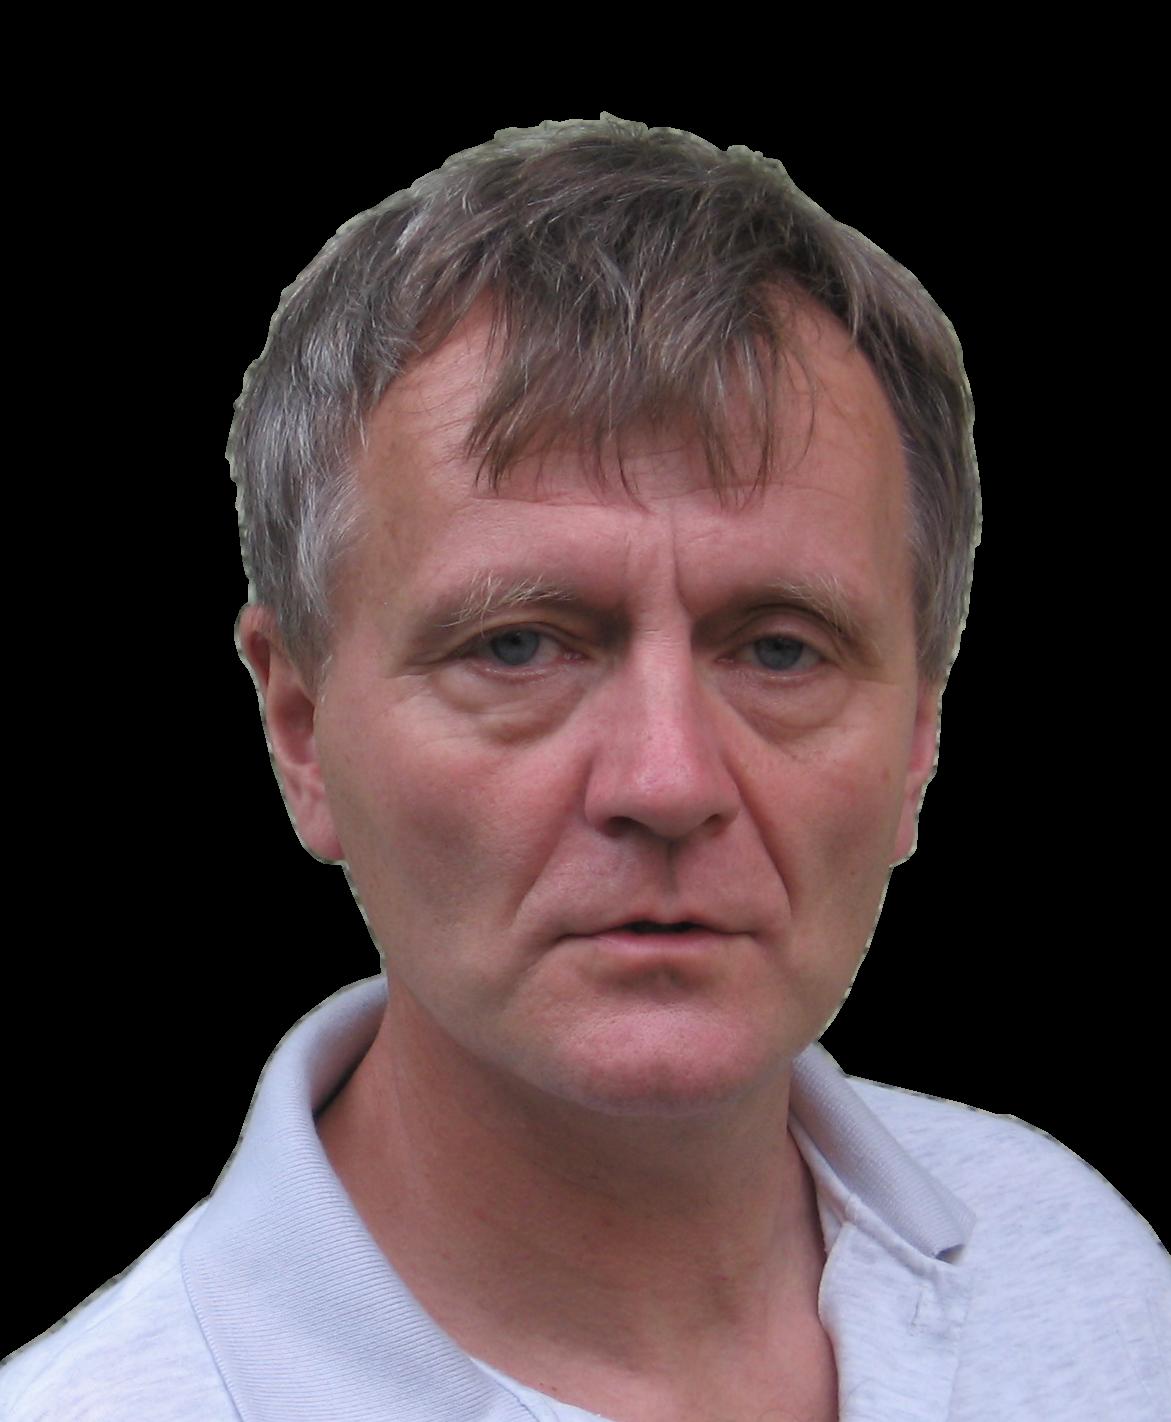 Edgar Mauler, medizinische Masseur und Heilpraktiker